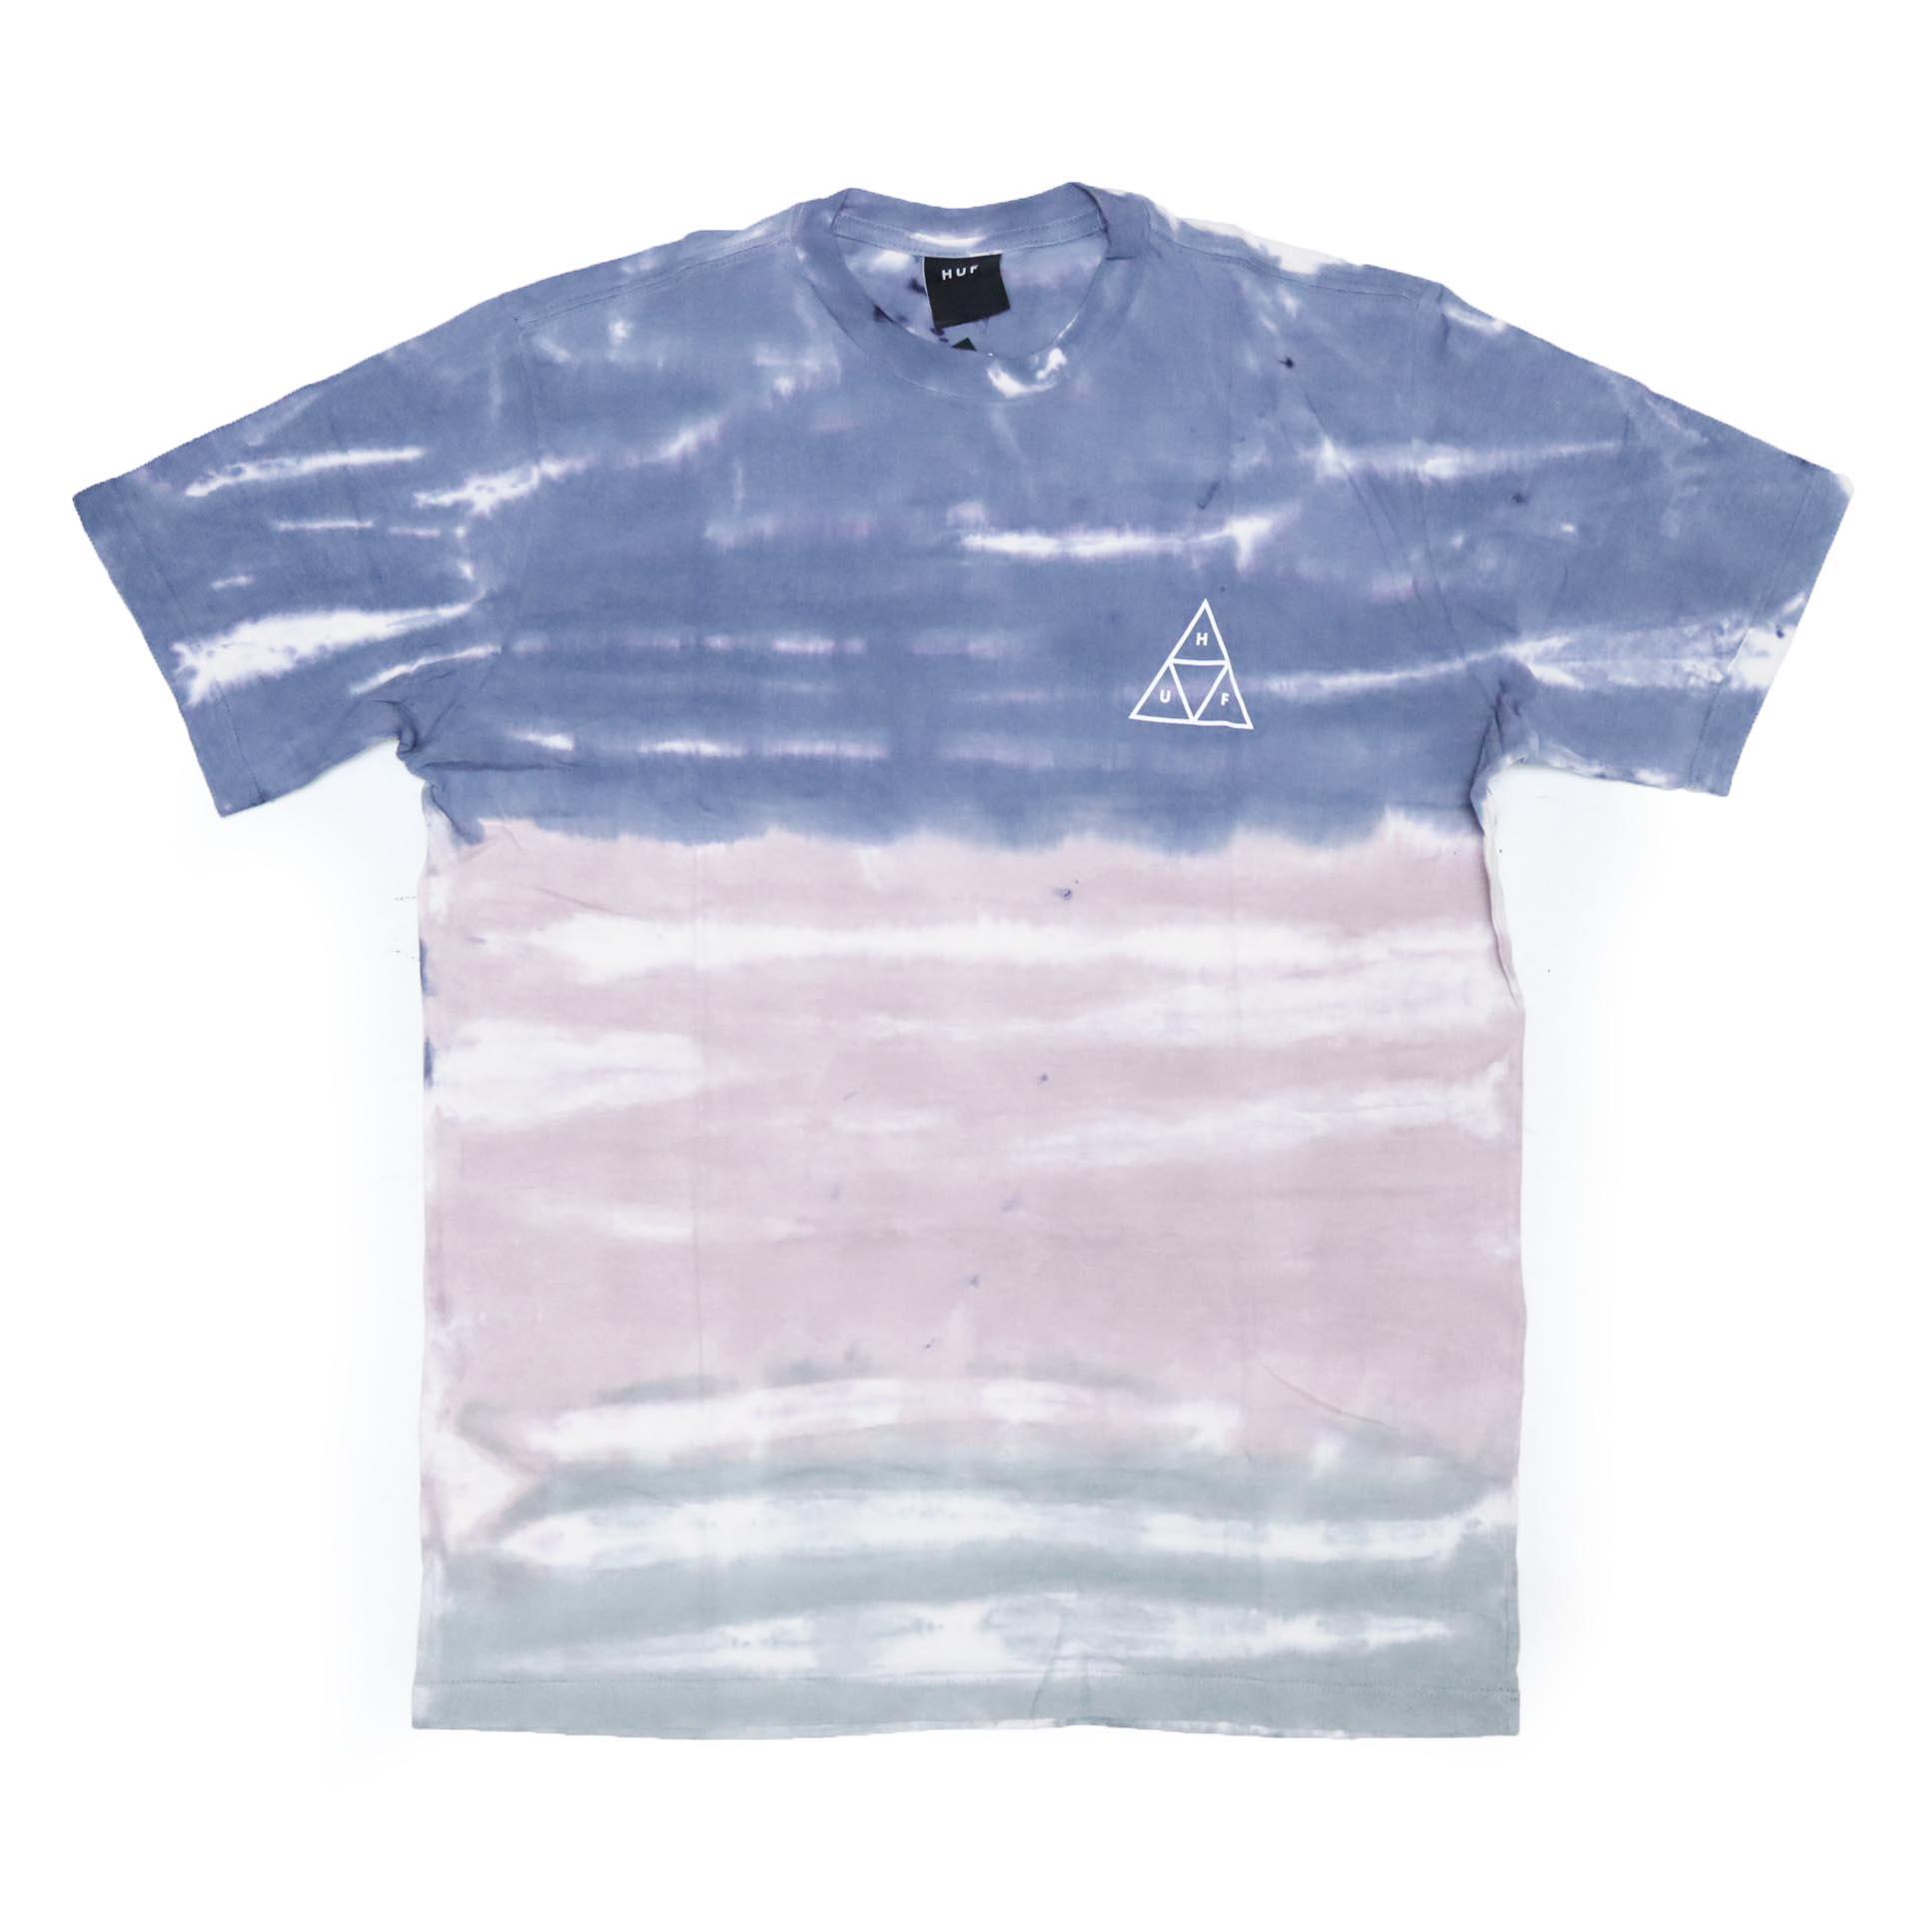 Camiseta HUF Sky Wash - Azul Marinho/Rosa/Verde